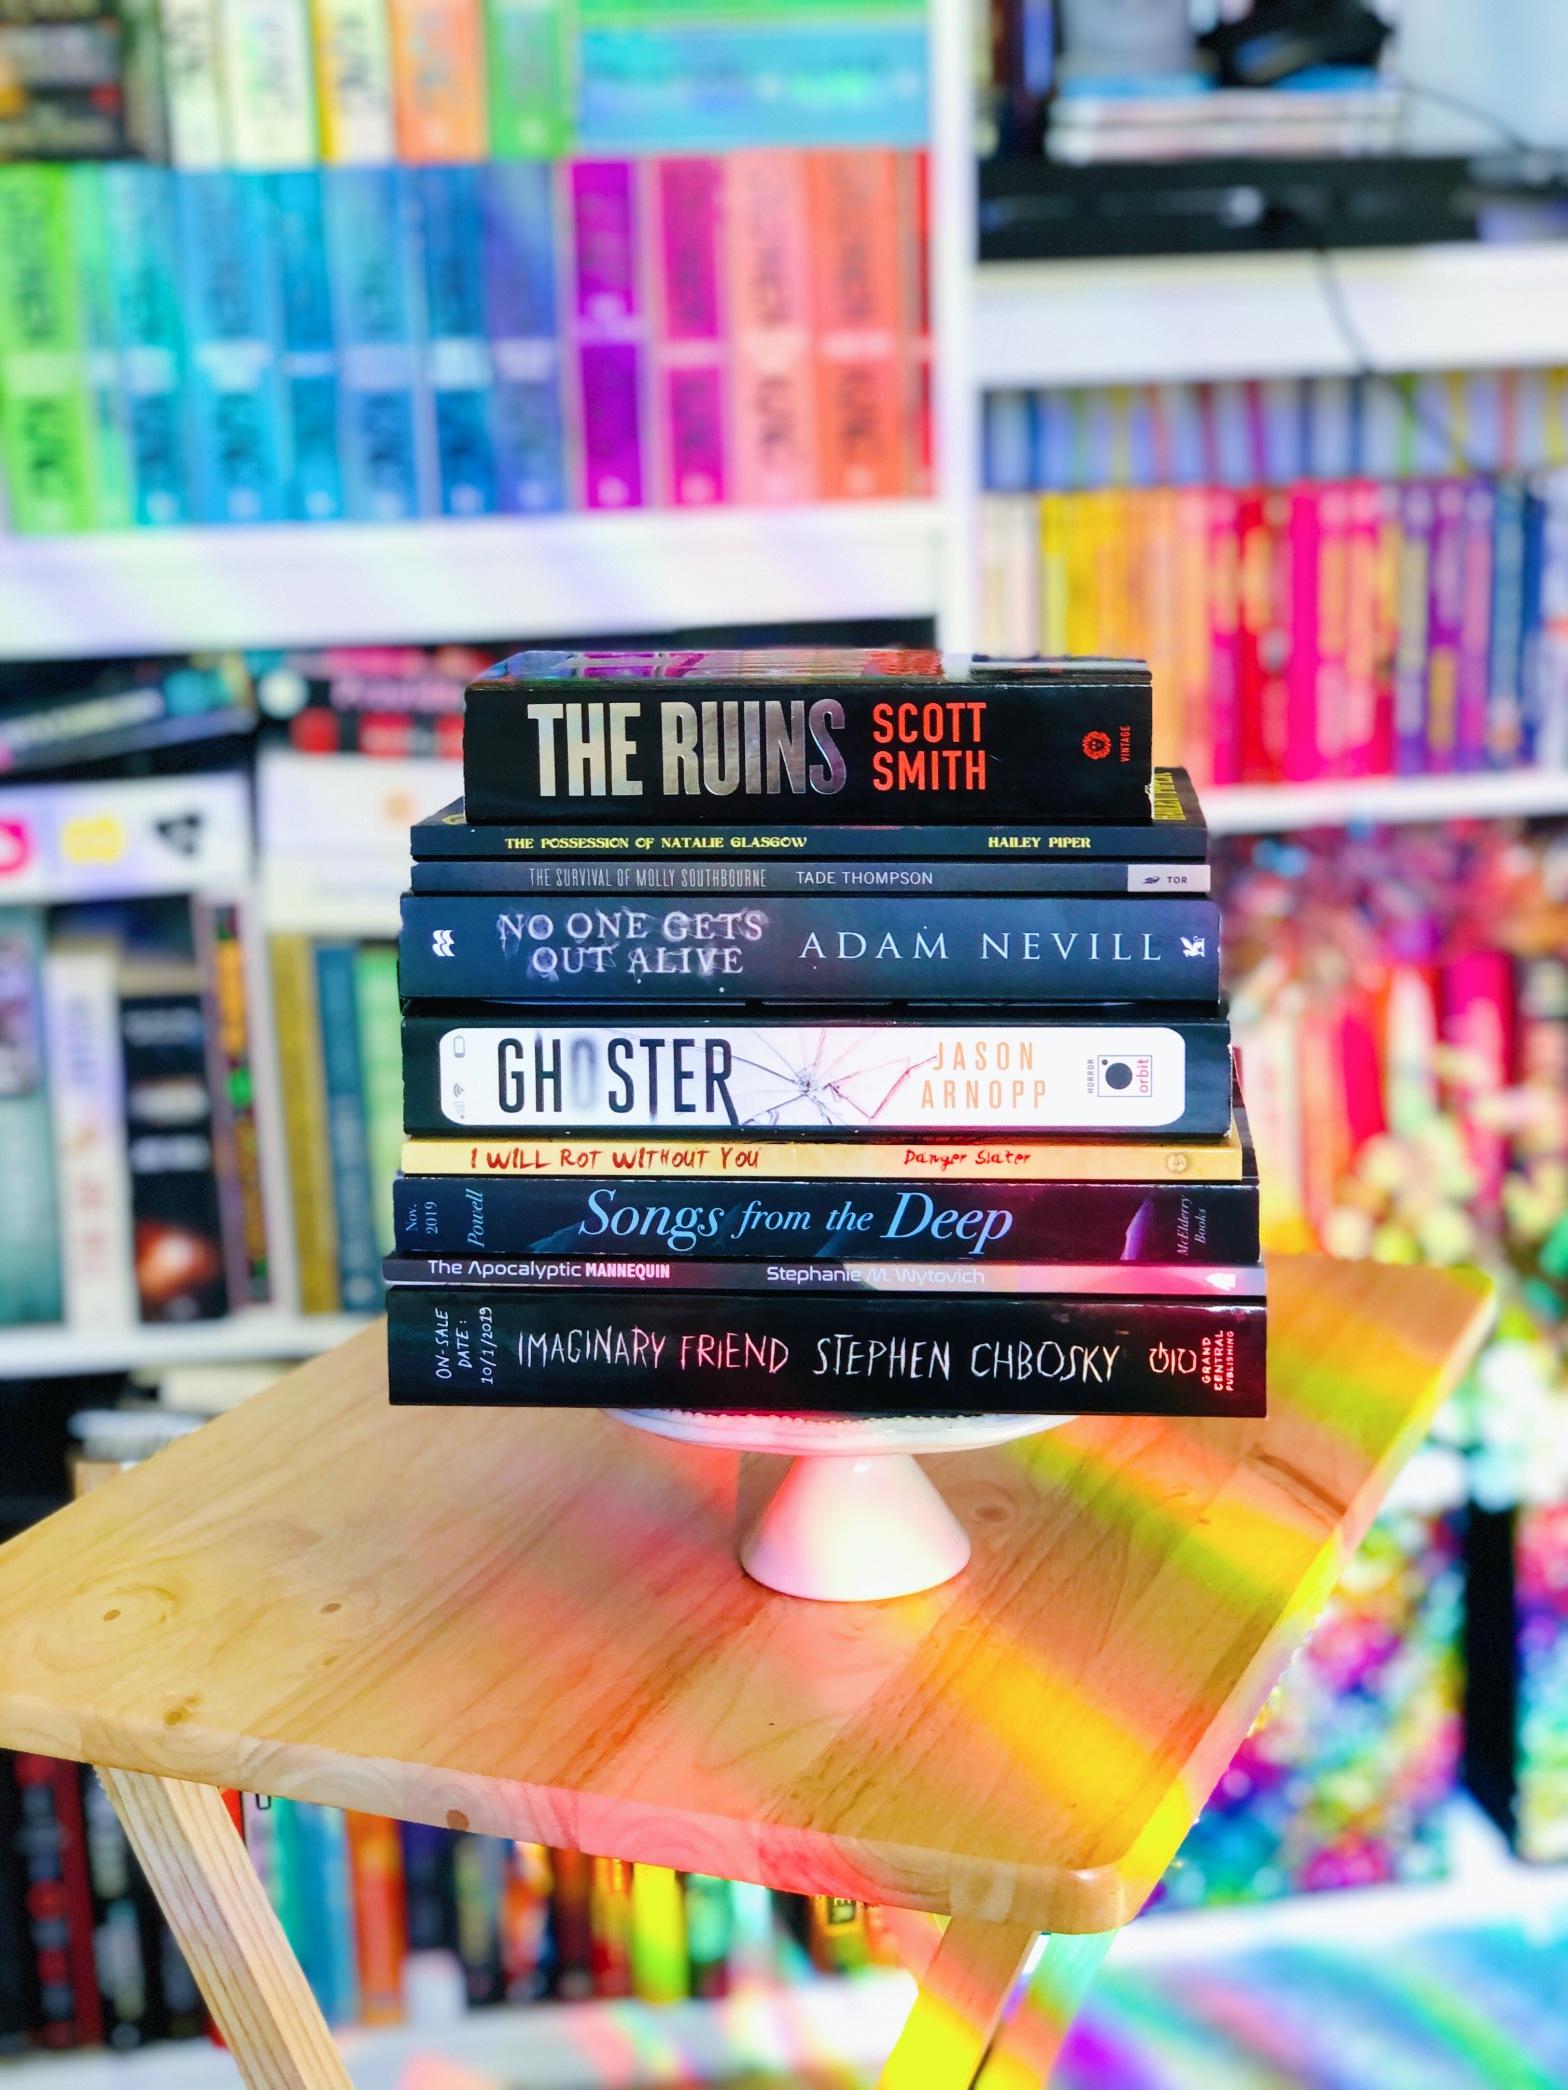 November TBR Stack of Books